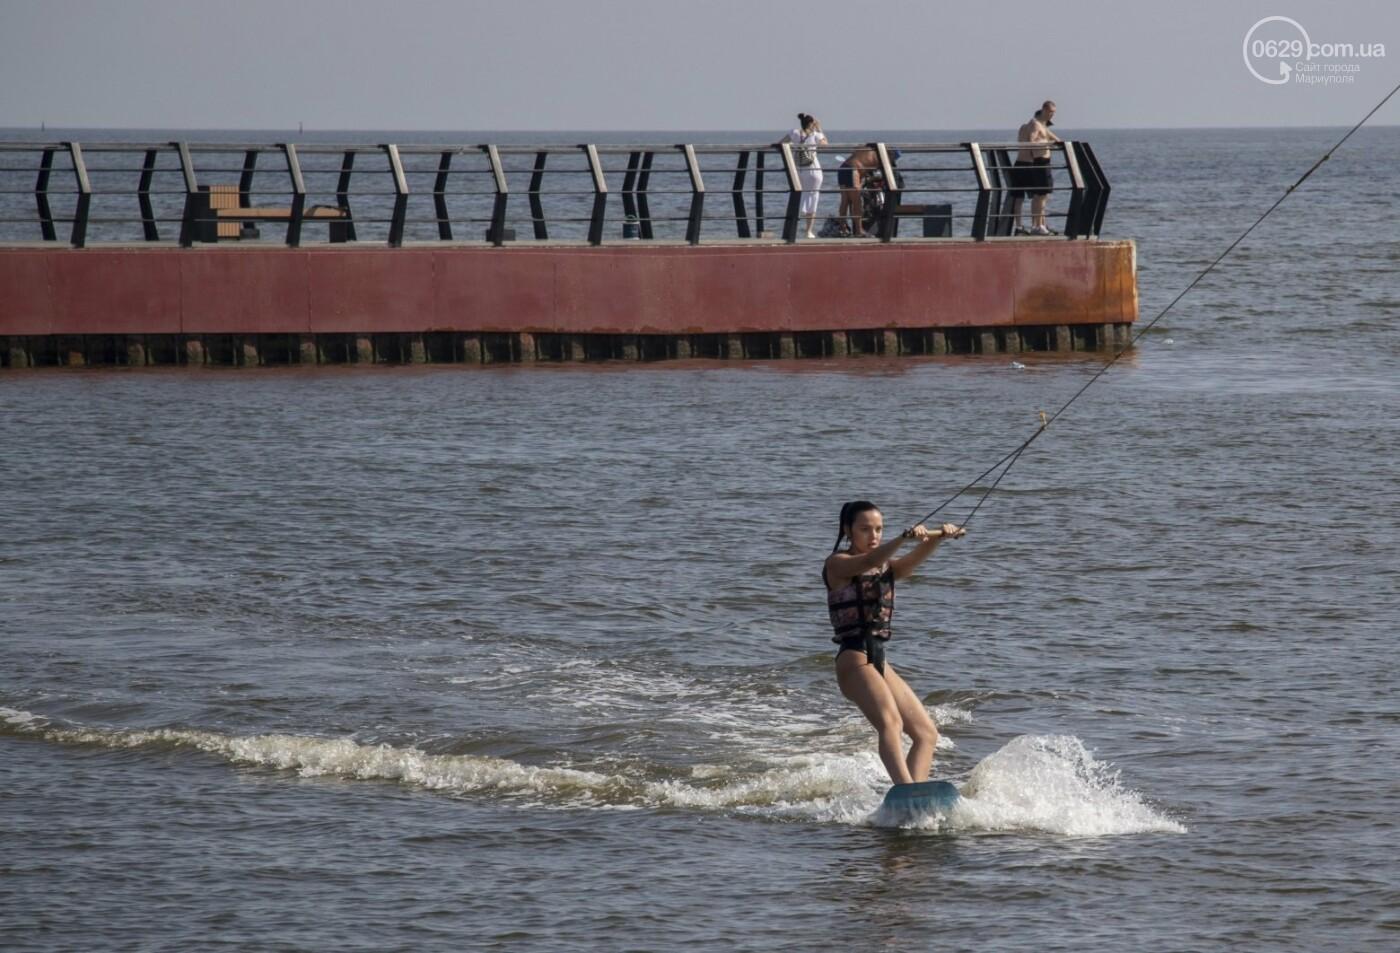 Море «закипело» от отдыхающих. Что творилось в Мариуполе на городских пляжах в выходные дни, - ФОТОРЕПОРТАЖ, фото-5